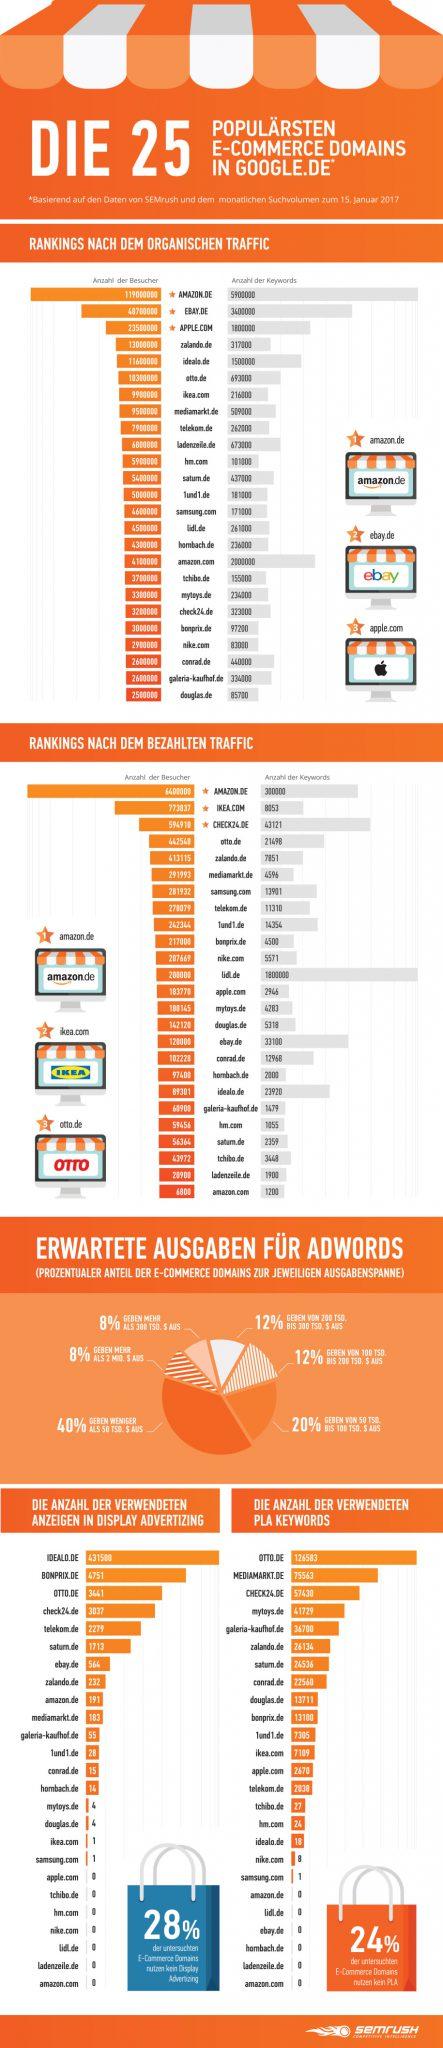 Grafik - 25 beliebtesten Seiten bei Google.